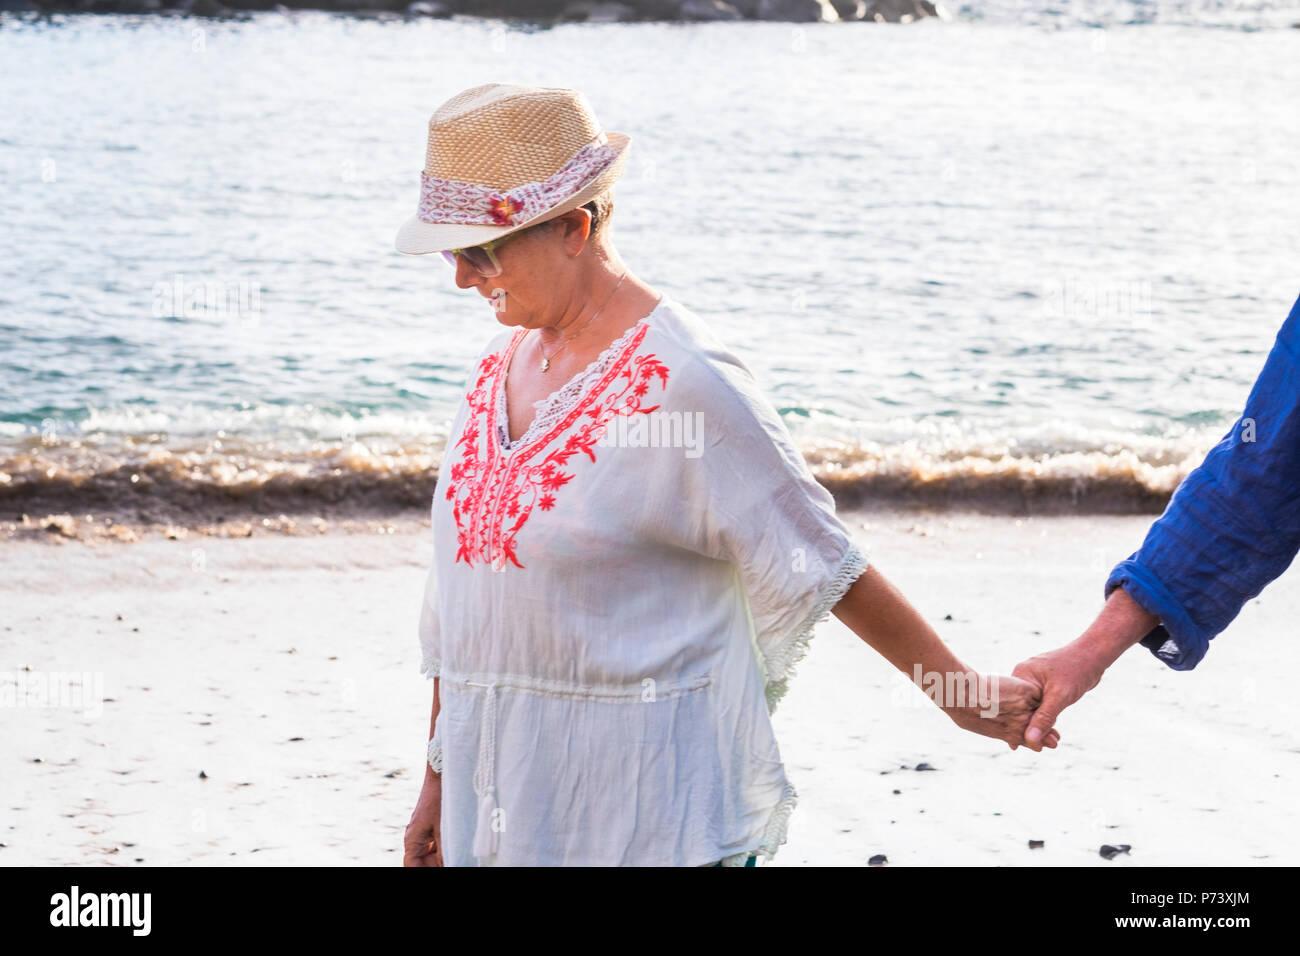 Folgen Sie und kommen Sie mit mir Frau Mann Hand zusammen am Ufer am Strand zu Laufen. Blick auf das Meer im Hintergrund für Liebe und Ferienhäuser Konzept Stockbild